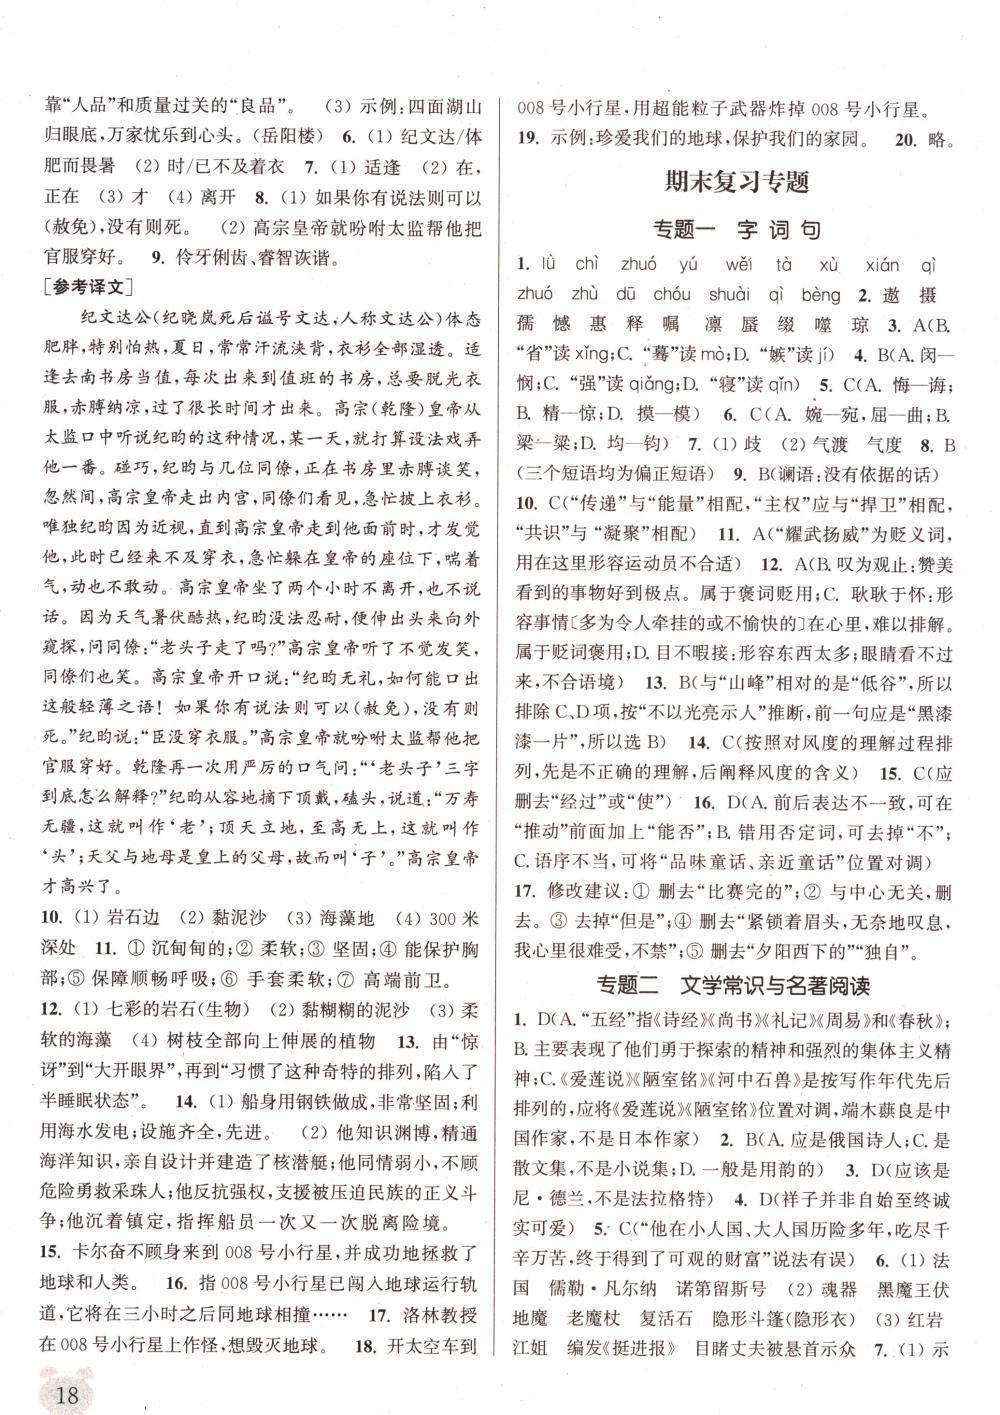 2018年通城学典课时作业本七年级语文下册苏教版第18页